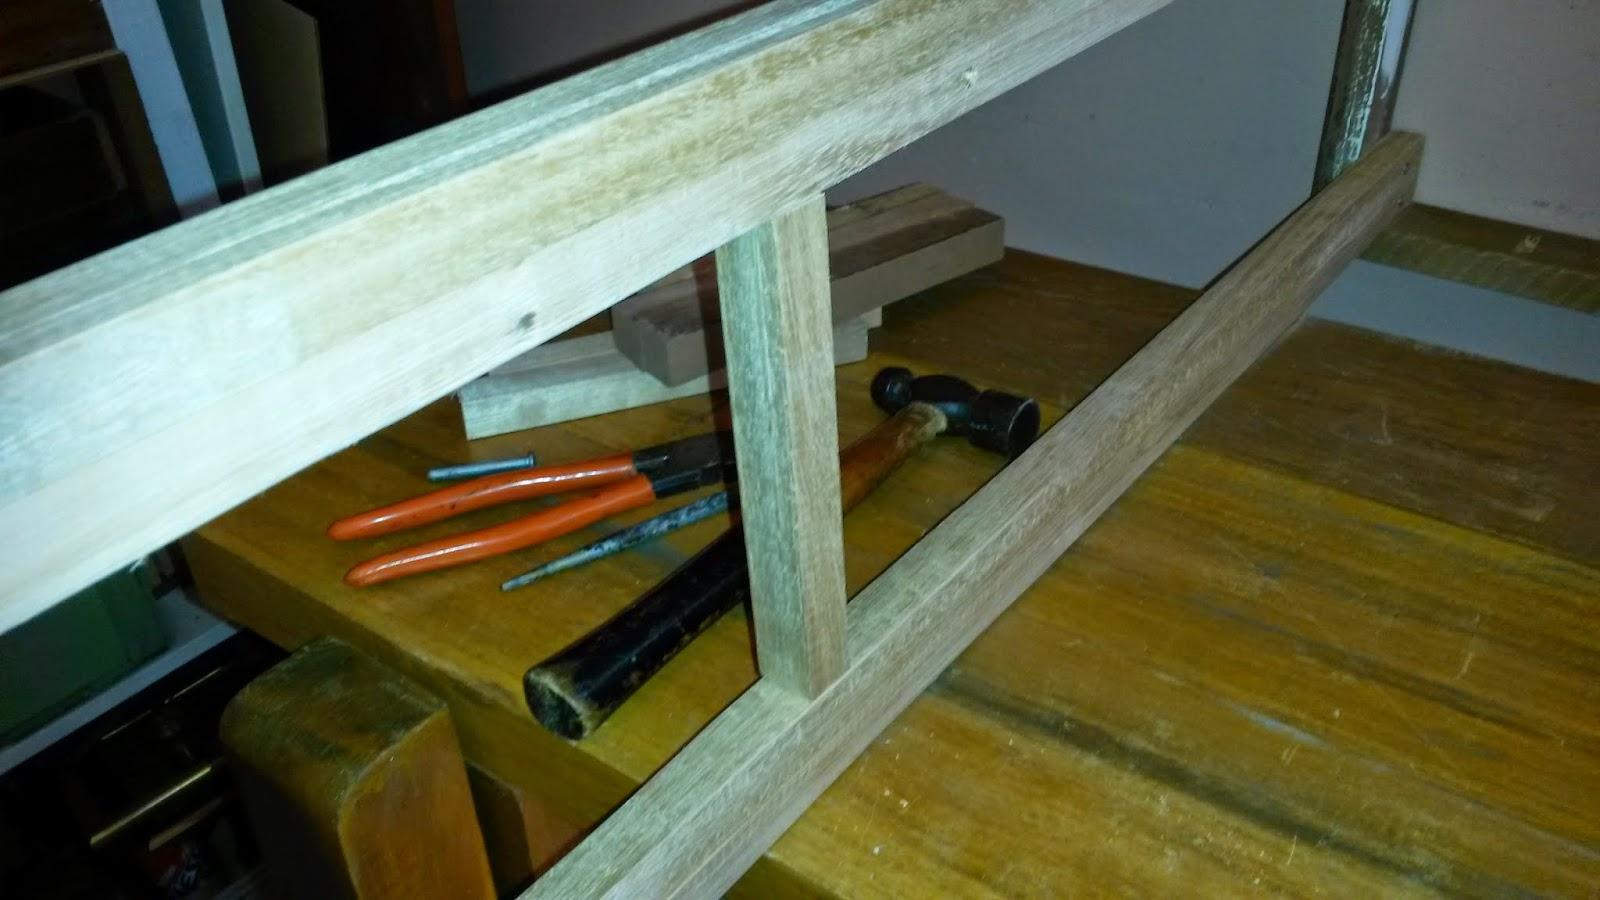 Oficina do Quintal: Como fazer um aparador com restos de madeira #61490B 1600x900